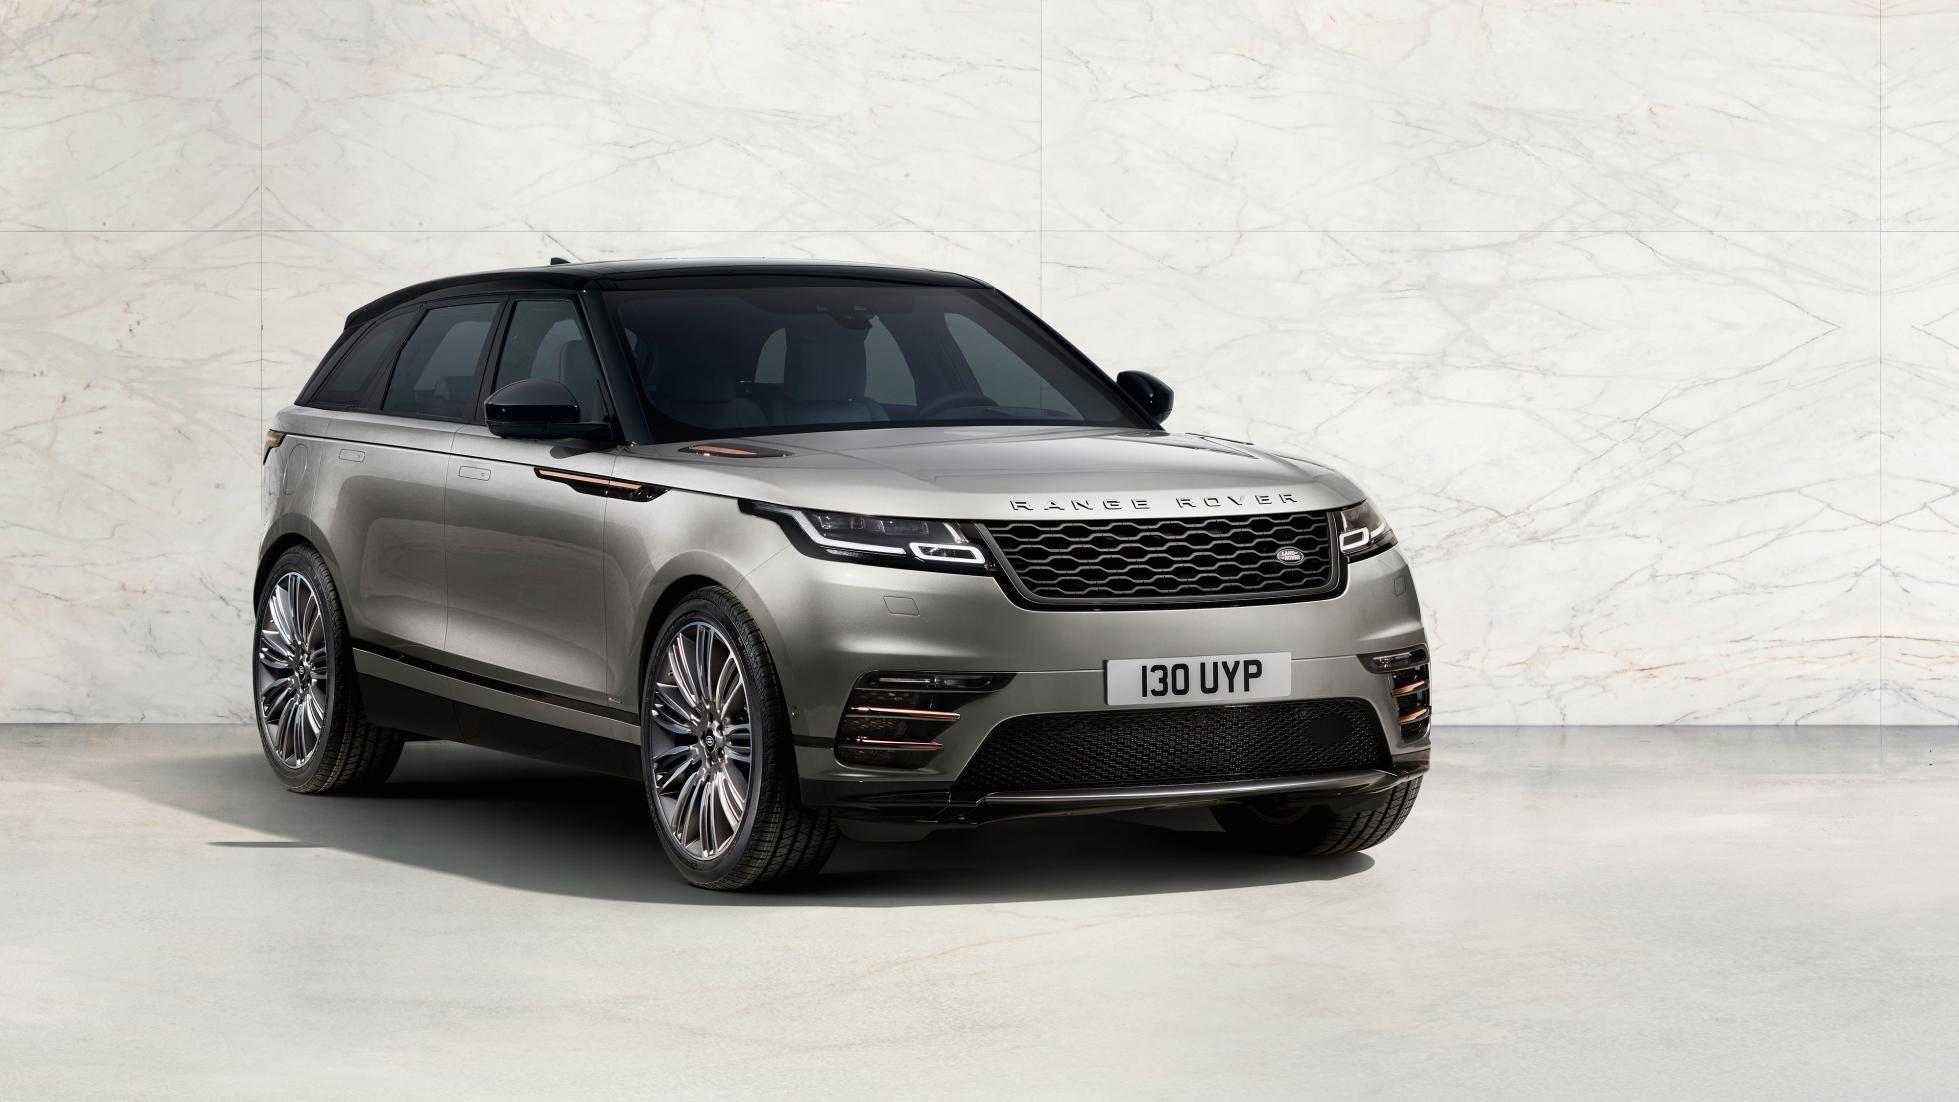 Official it's the new Range Rover Velar Range rover